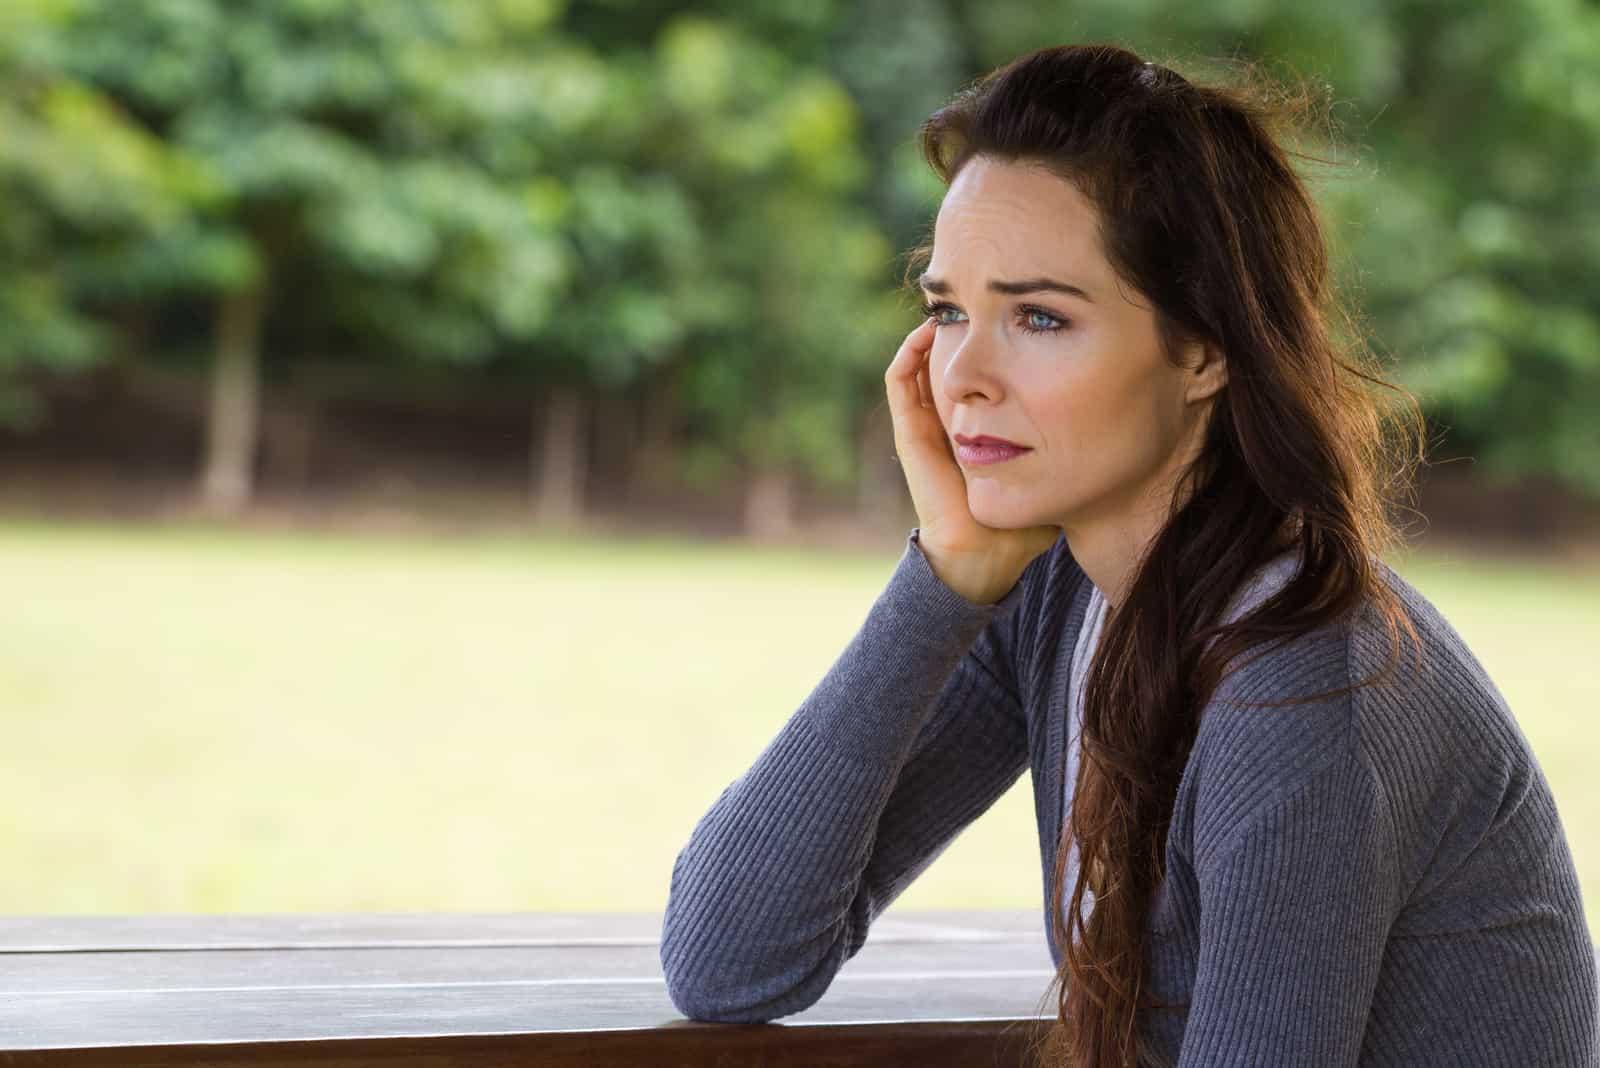 une femme imaginaire assise sur un banc